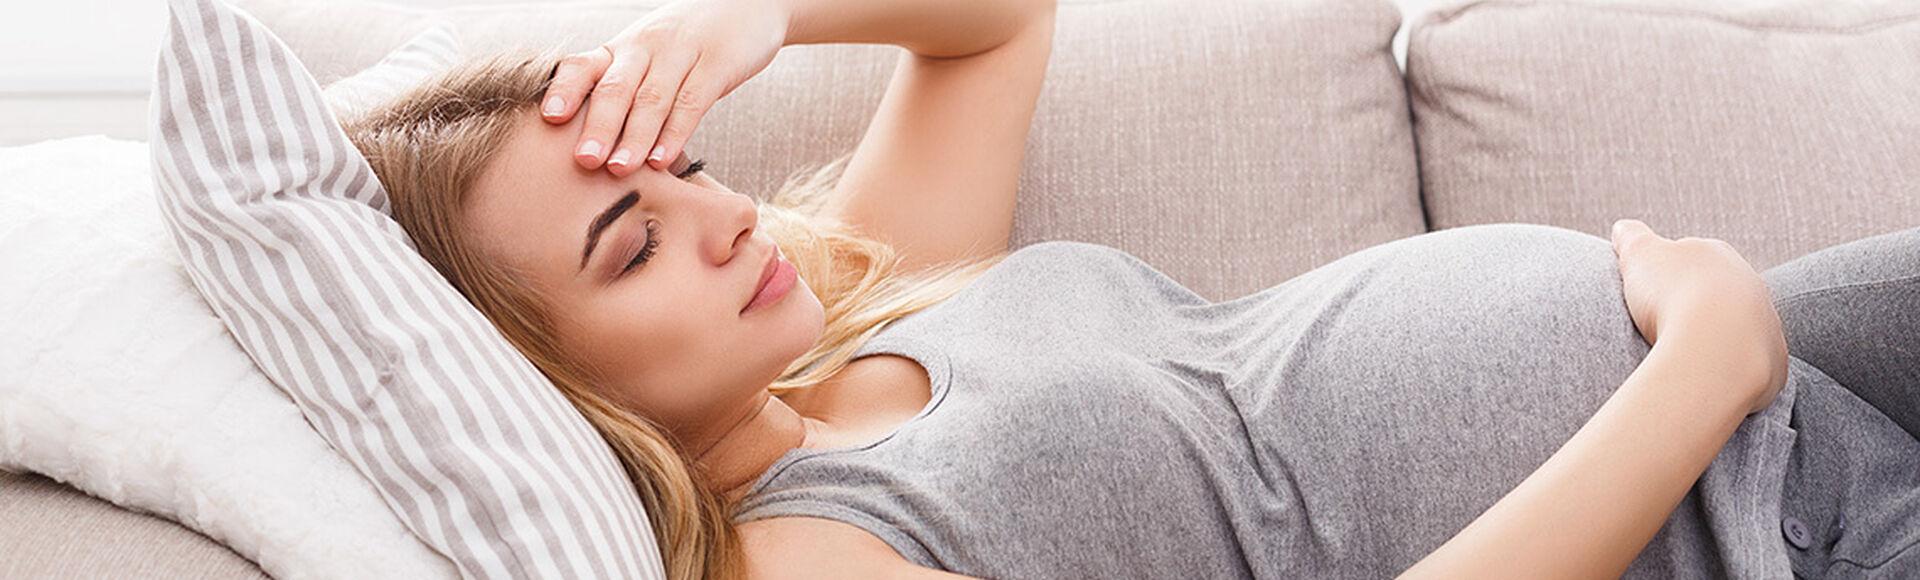 ¿Cuántas contracciones son normales a las 36 semanas?   Más Abrazos by Huggies